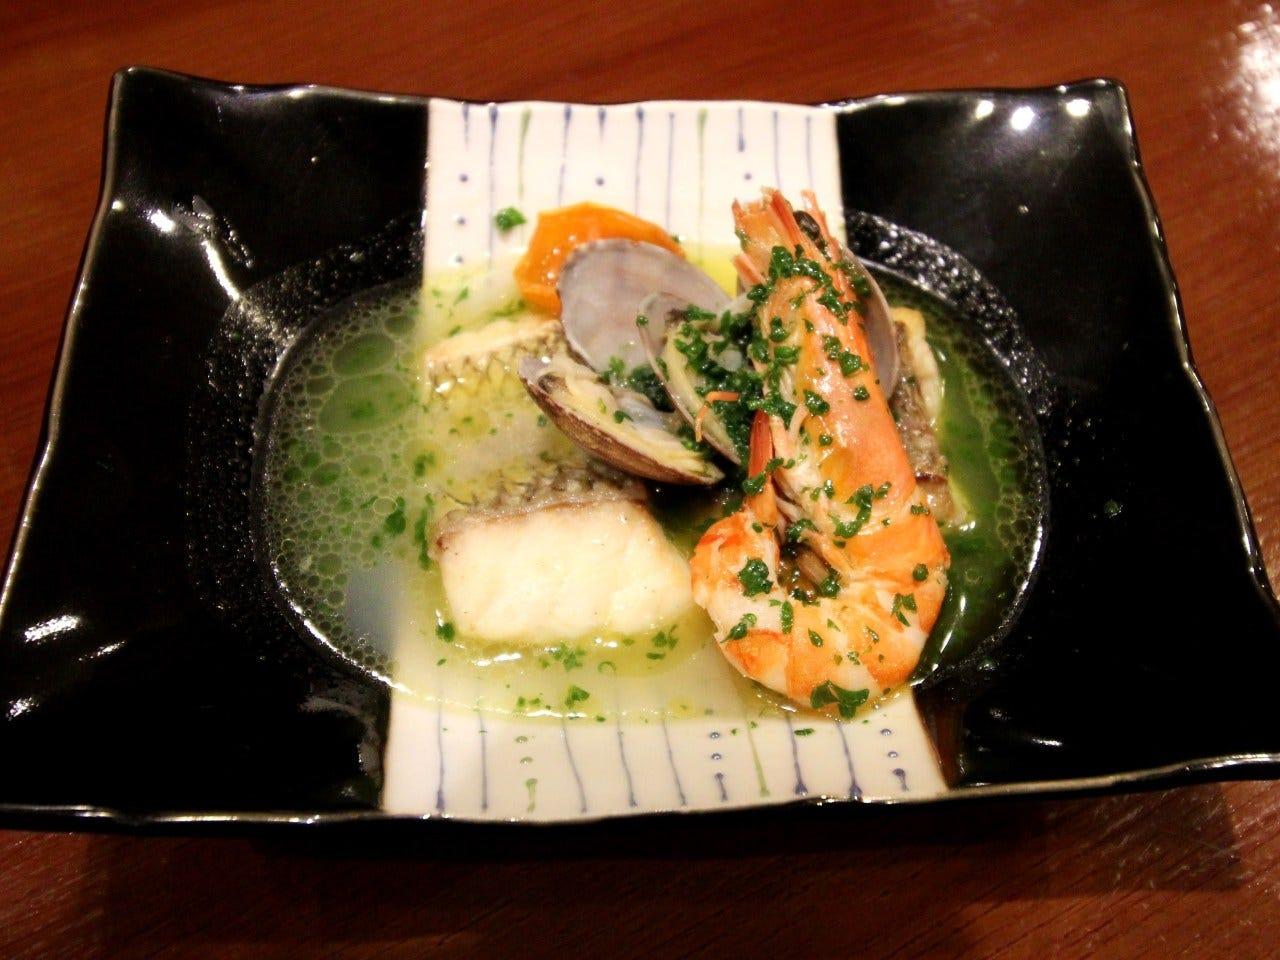 お箸で食べれる【よくばり和洋コース】飲み放題付6,000円(税込)コース